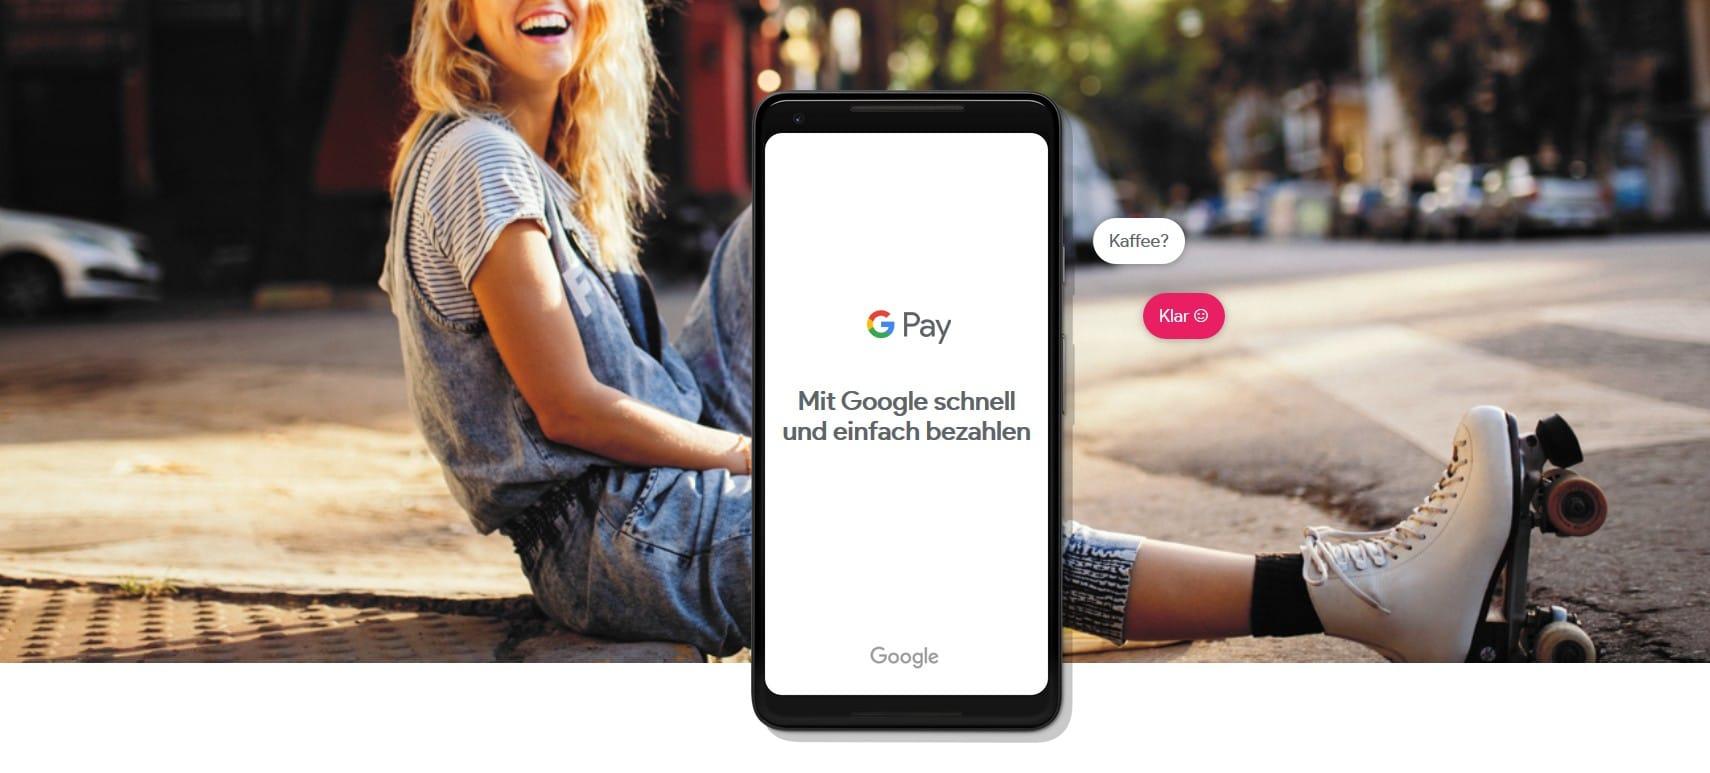 Einfach digital bezahlen - das ist auch mit Risiken verbunden. (Foto: Google / Screenshot)